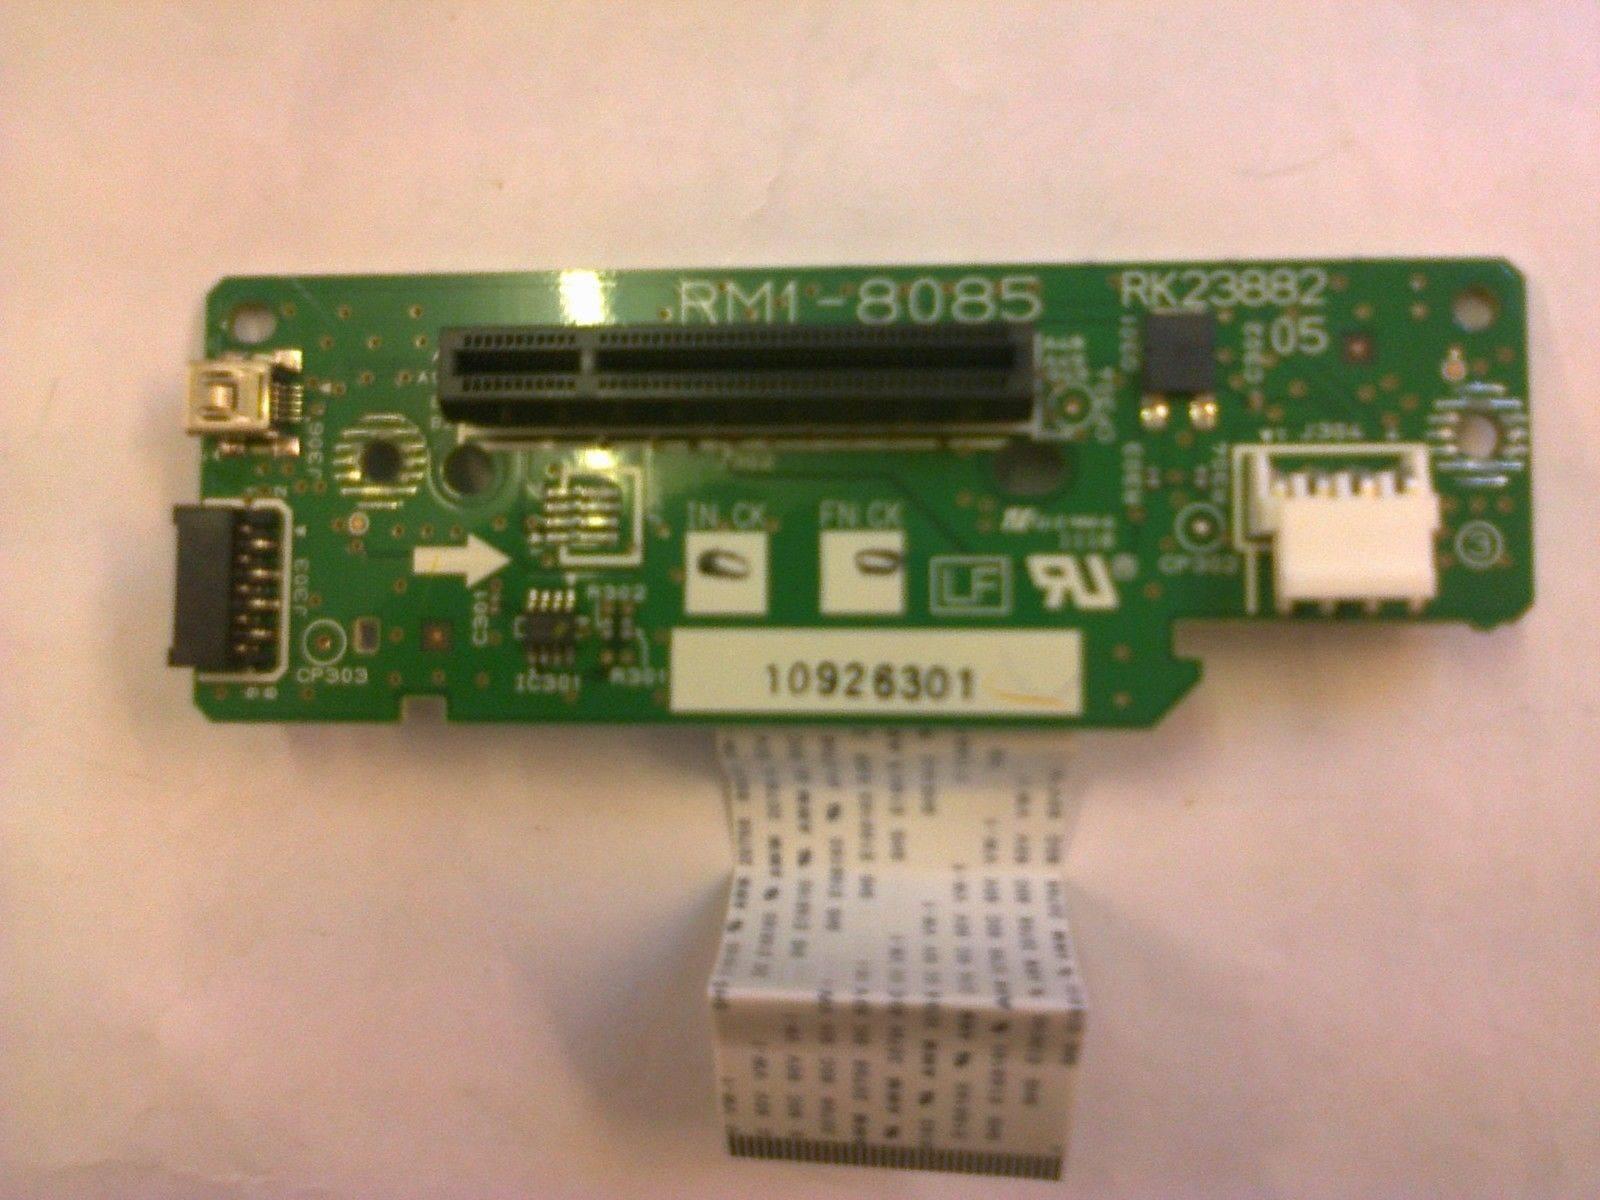 Фото Плата соединения HP CLJ M551, M570, M575 (RM1-8085, RM1-8143, RM1-9235)